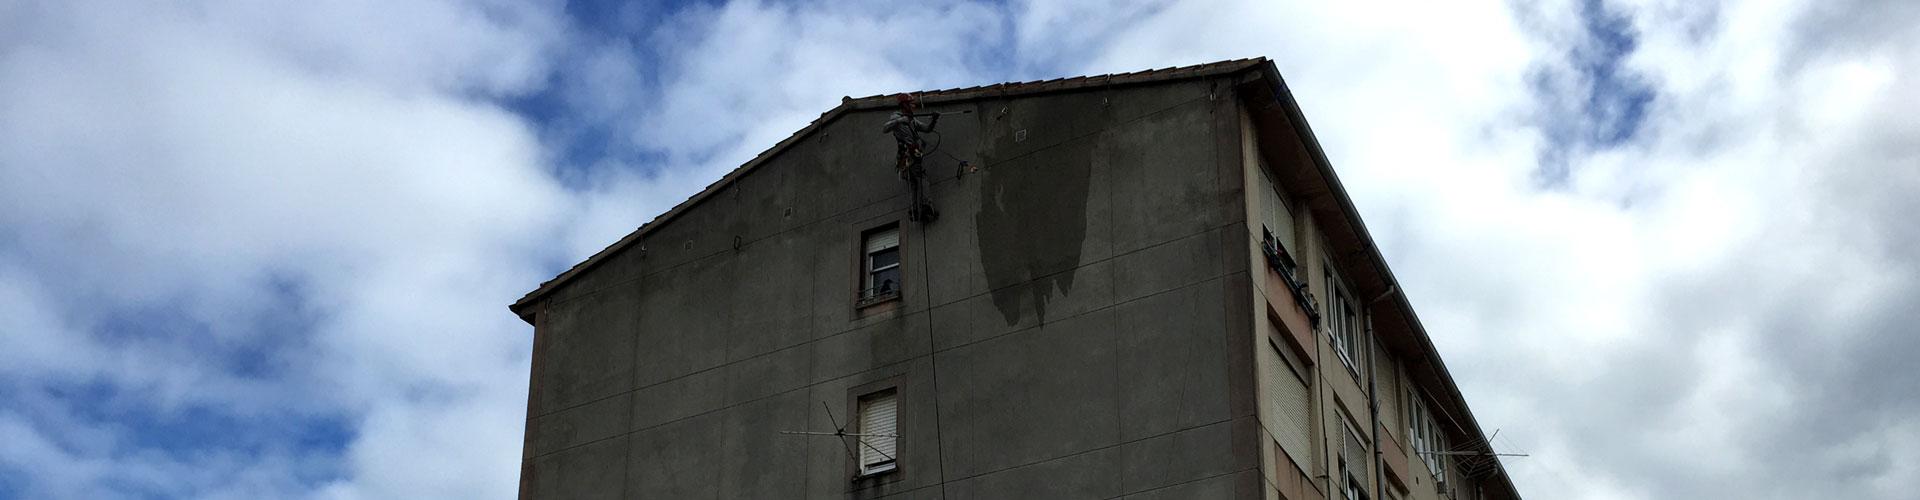 Limpieza de fachadas mediante trabajos verticales Santander